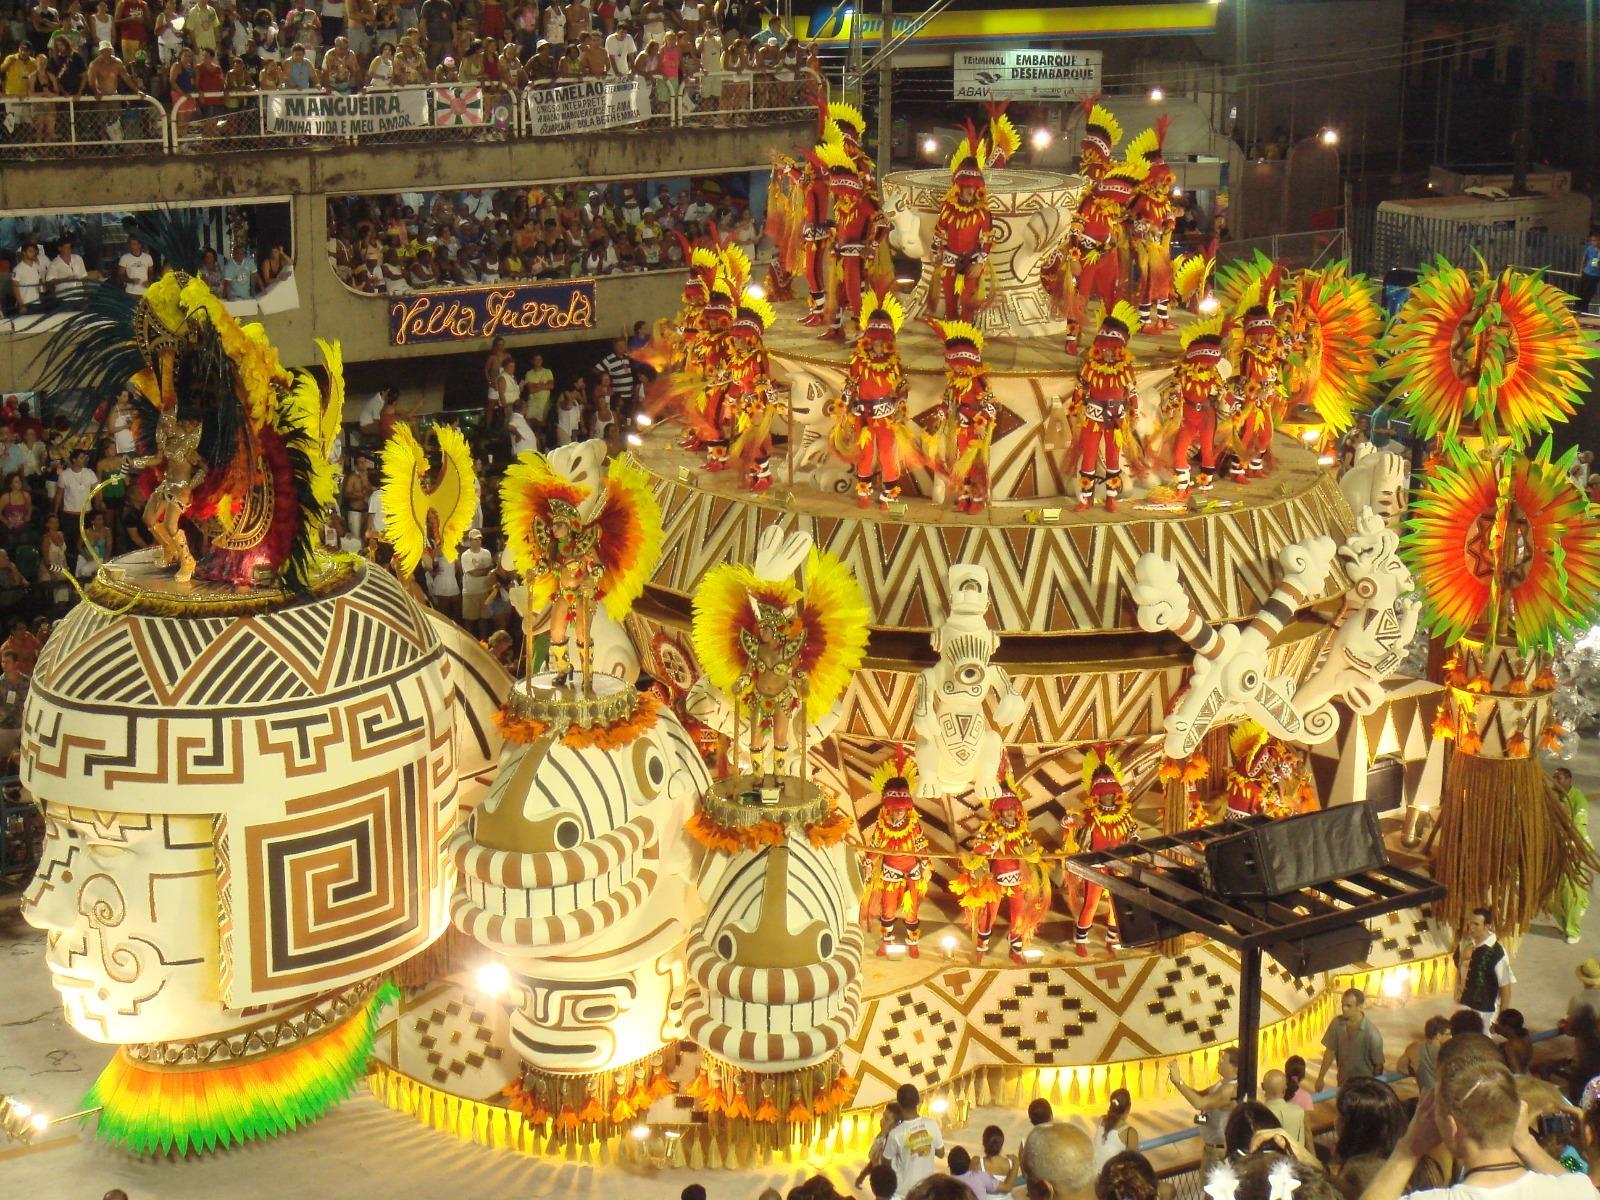 brasile03-1600415159.jpg